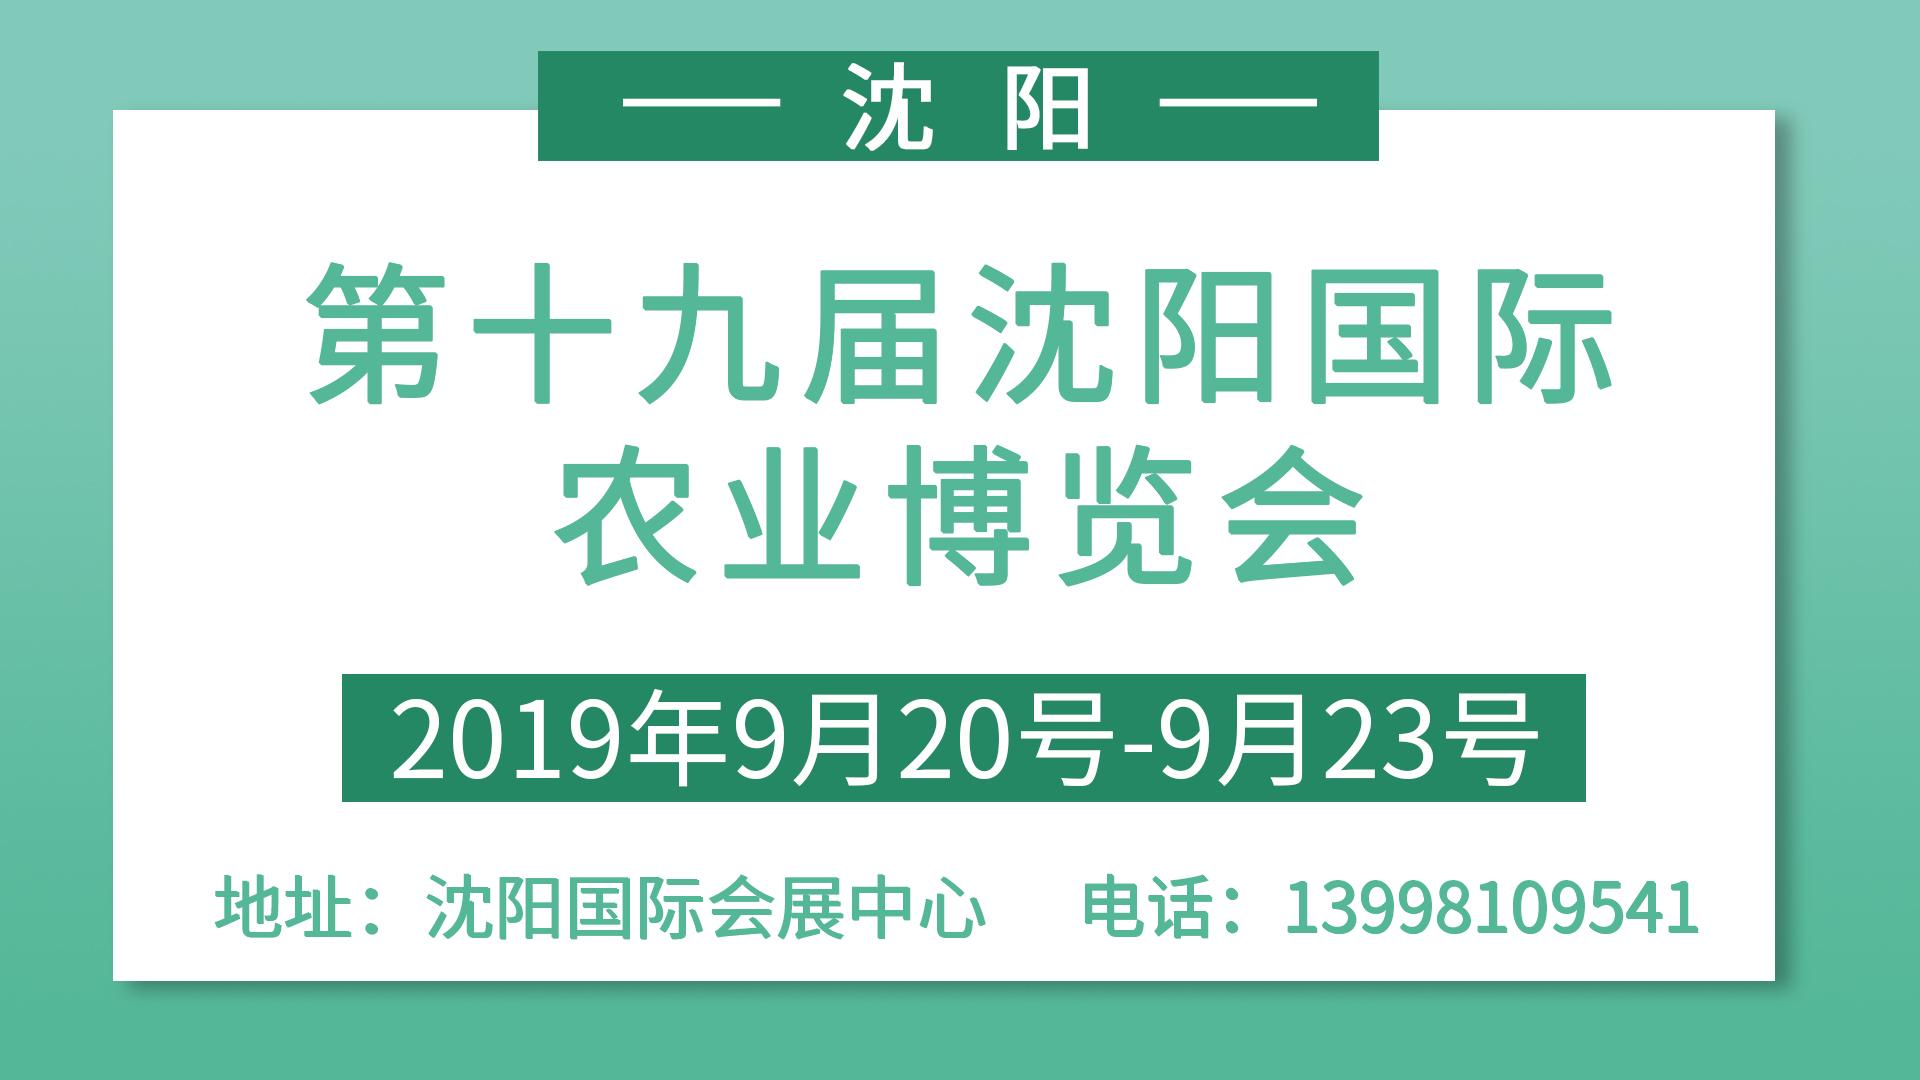 第十一届辽宁国际农业博览会暨第十九届中国沈阳国际农业博览会